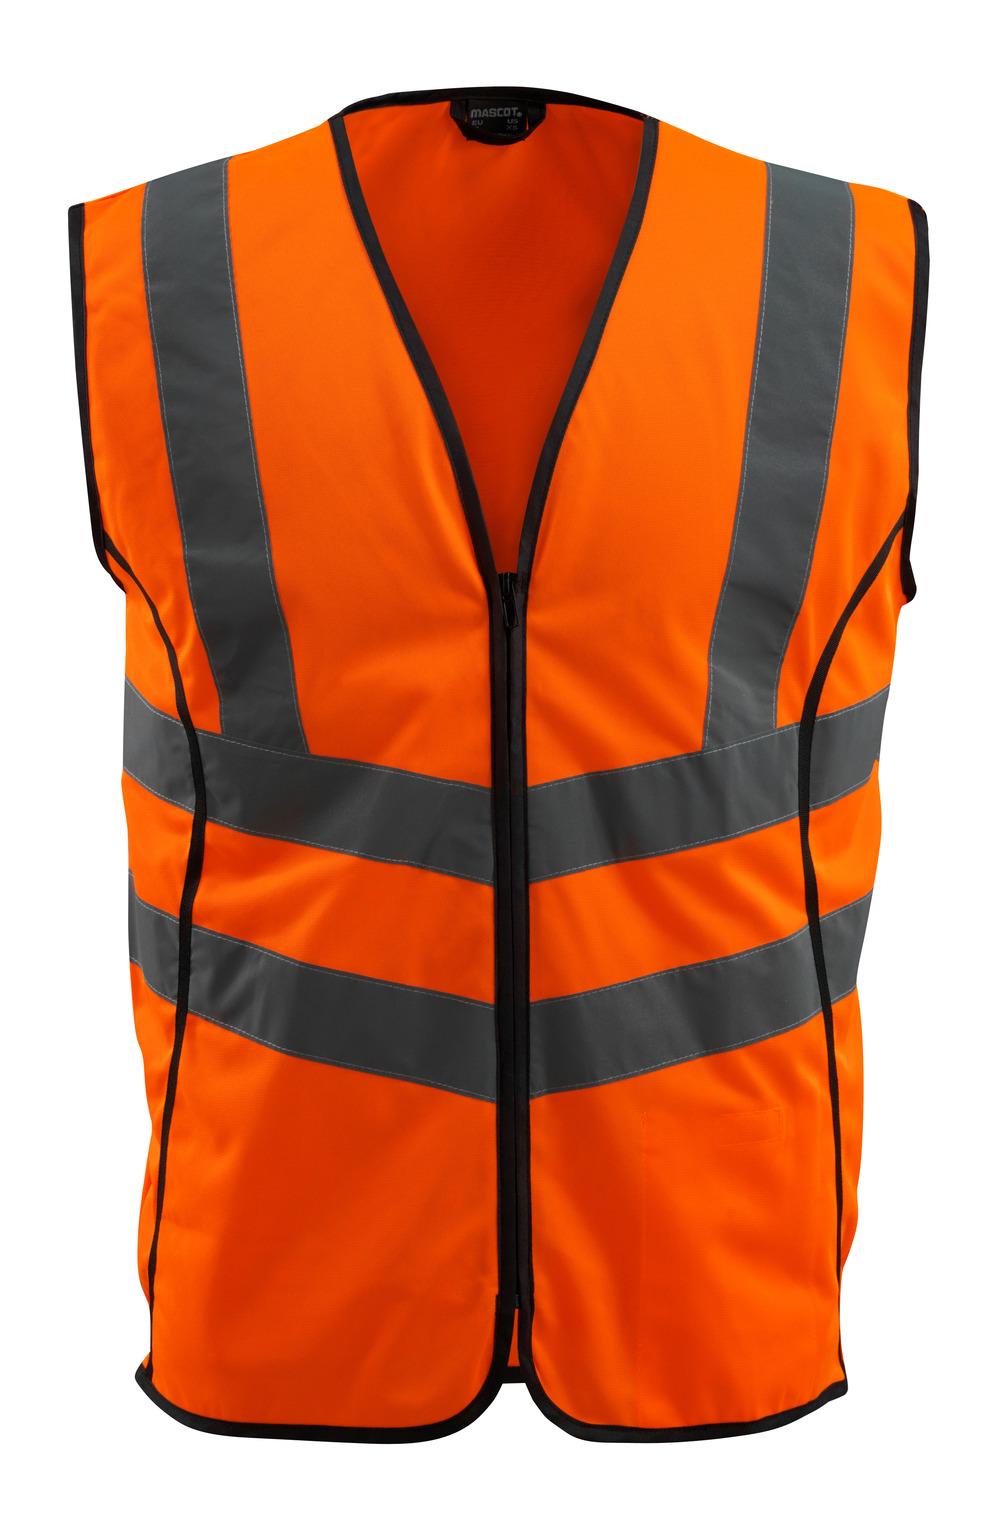 50145-977-14 Kamizelka ostrzegawcza - pomarańcz hi-vis